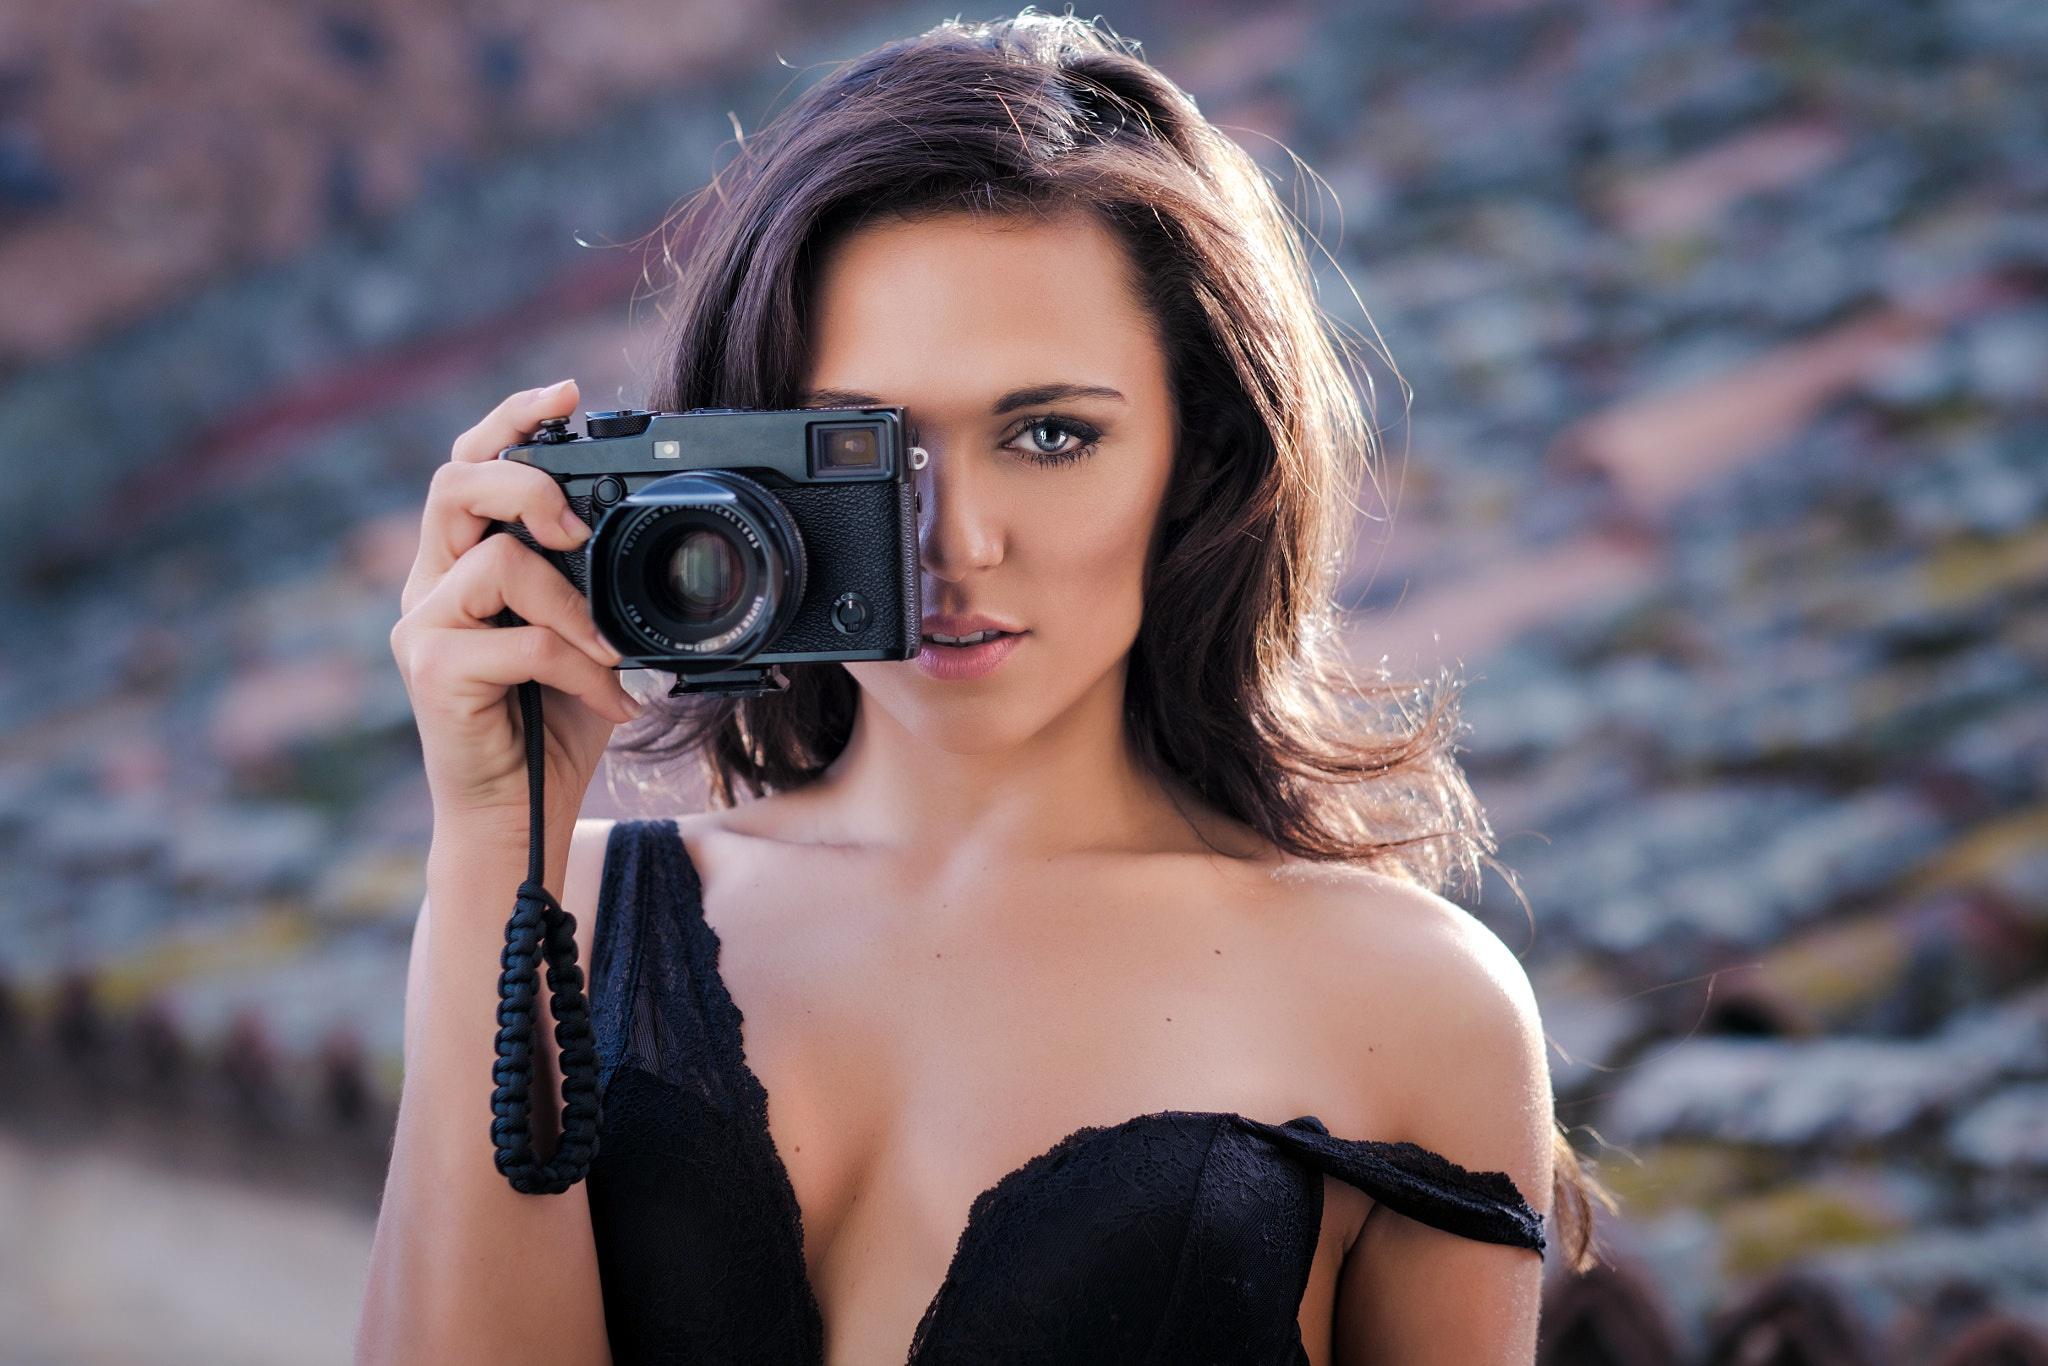 О взаимоотношениях фотографа с моделями